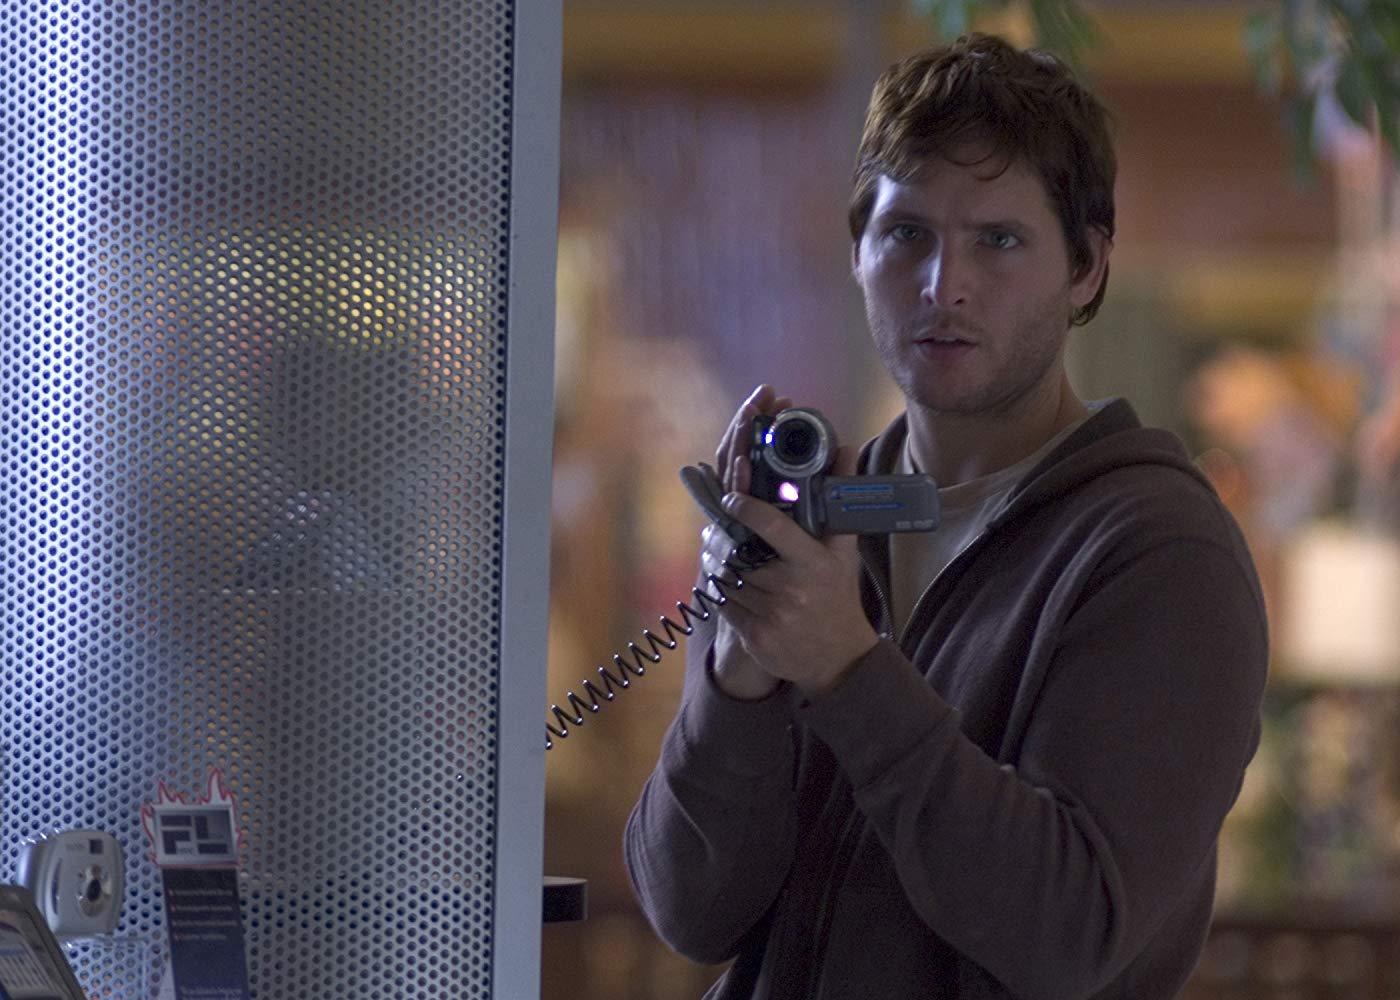 Detective Peter Facinelli in Hollow Man II (2006)